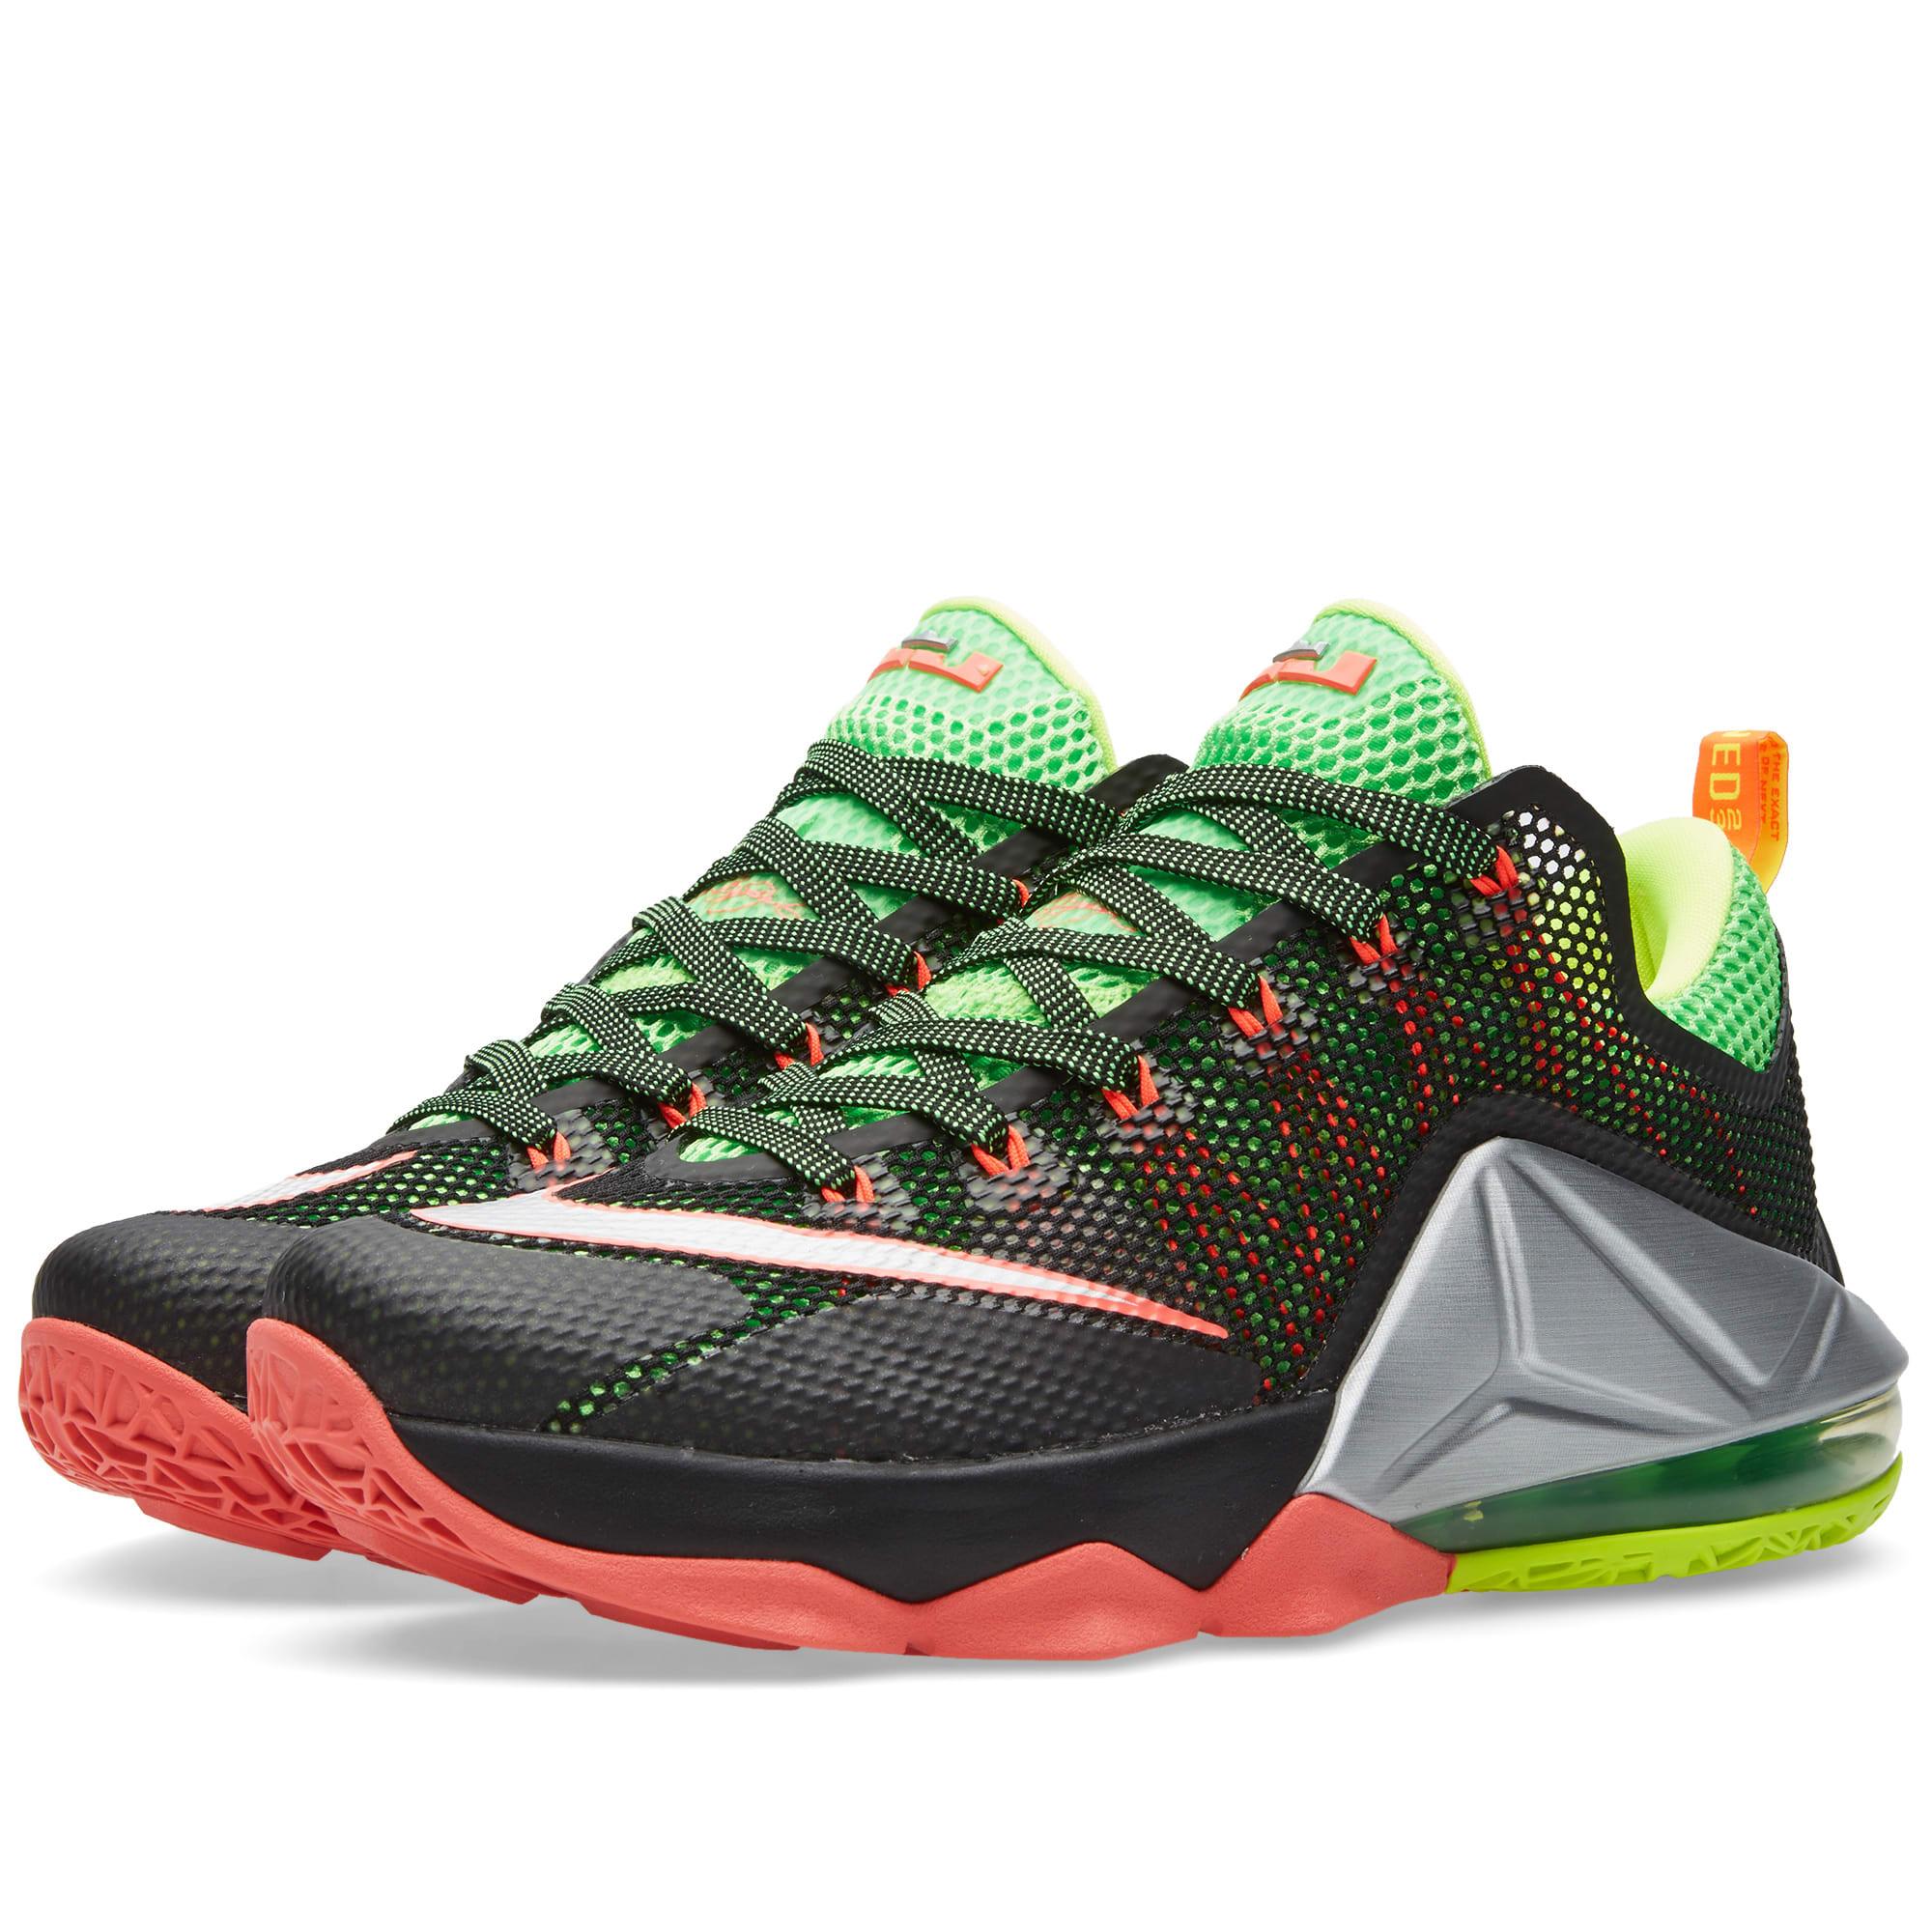 Nike Lebron XII Low Black \u0026 Metallic